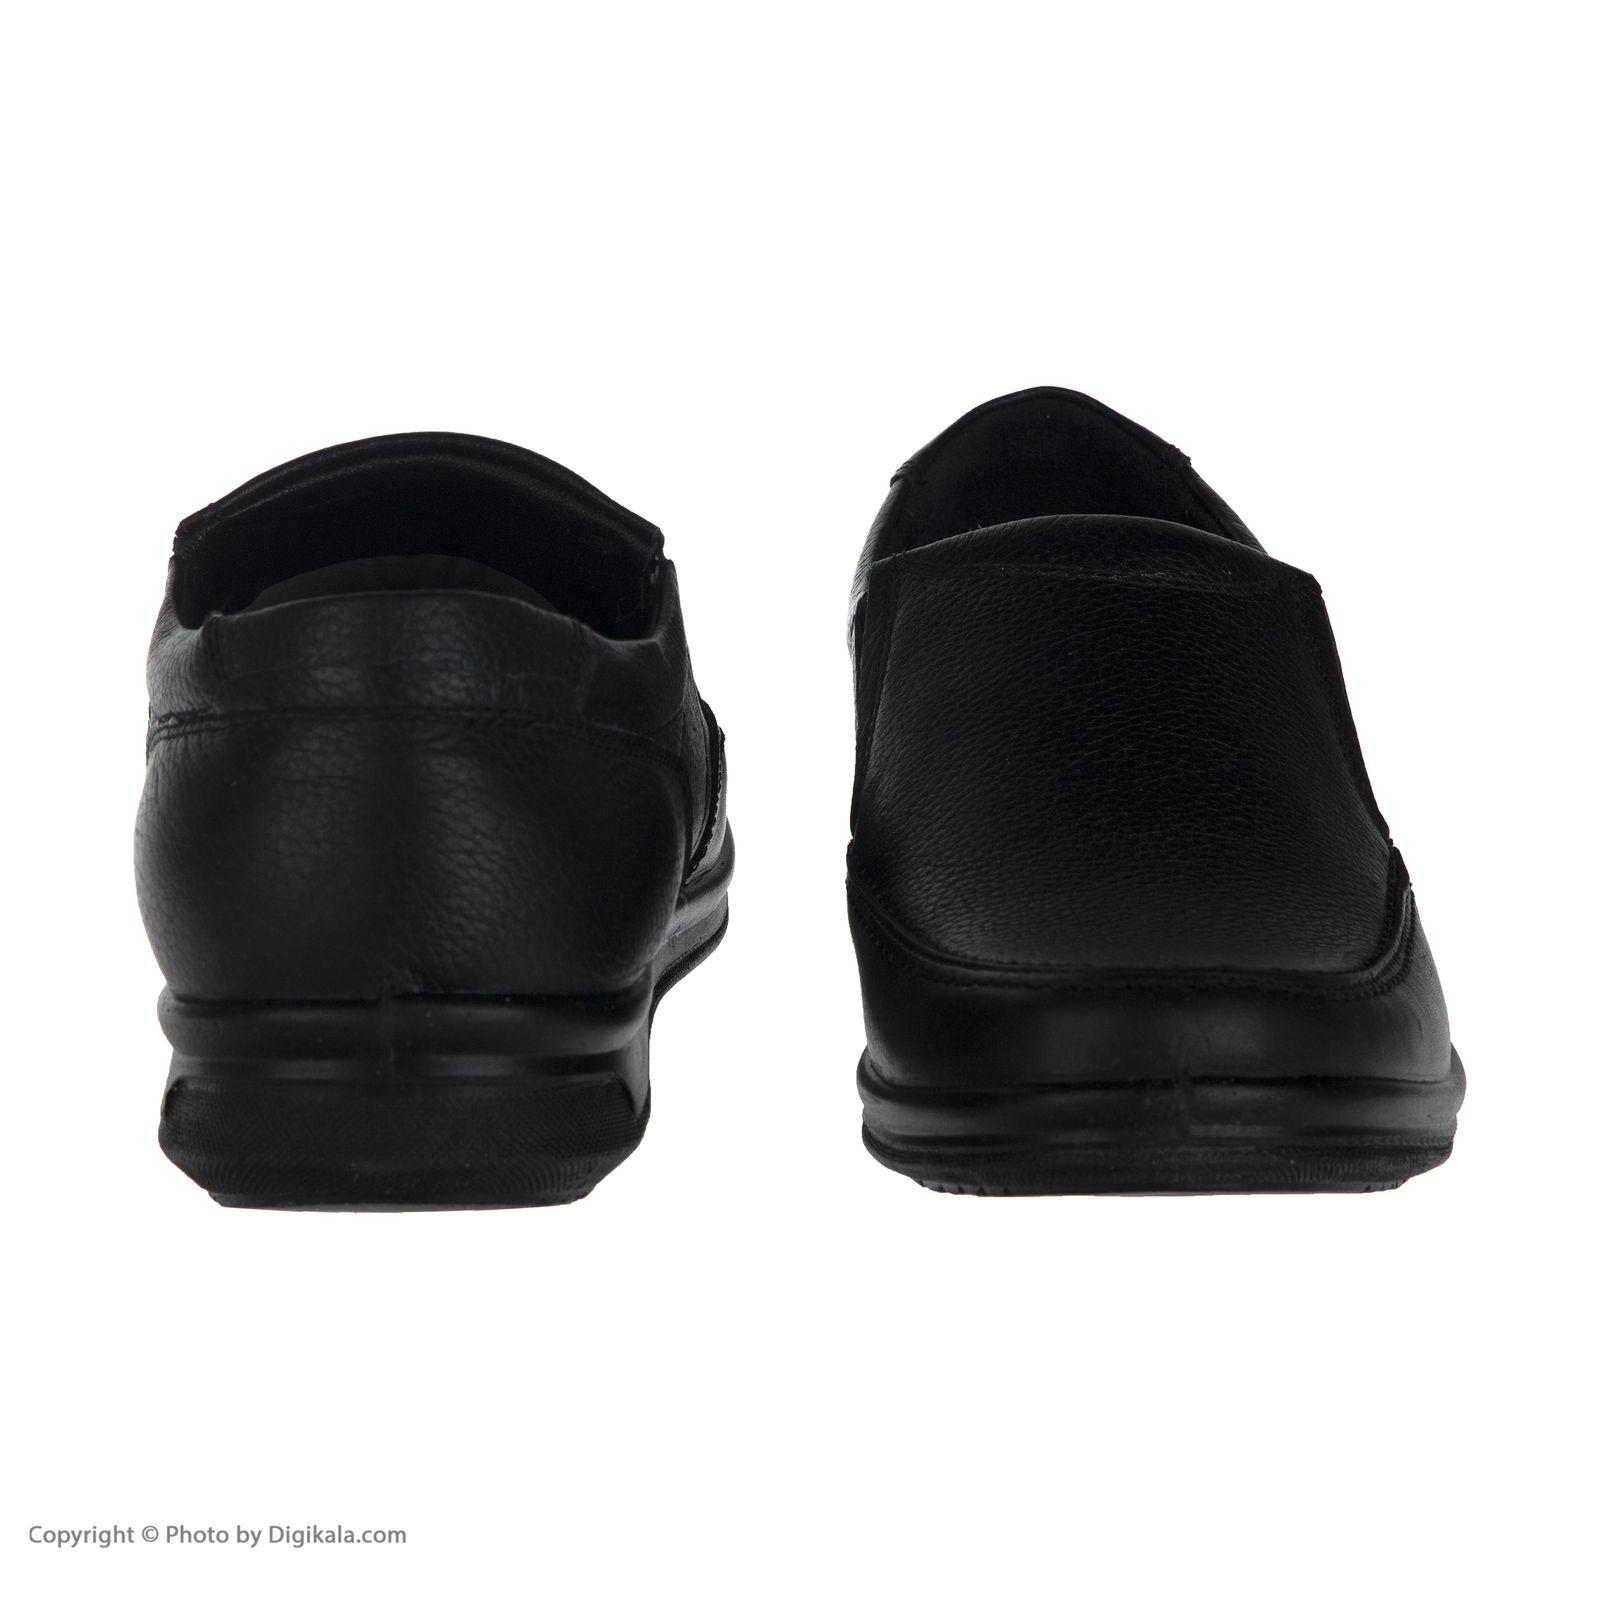 کفش روزمره مردانه بلوط مدل 7296A503101 -  - 5